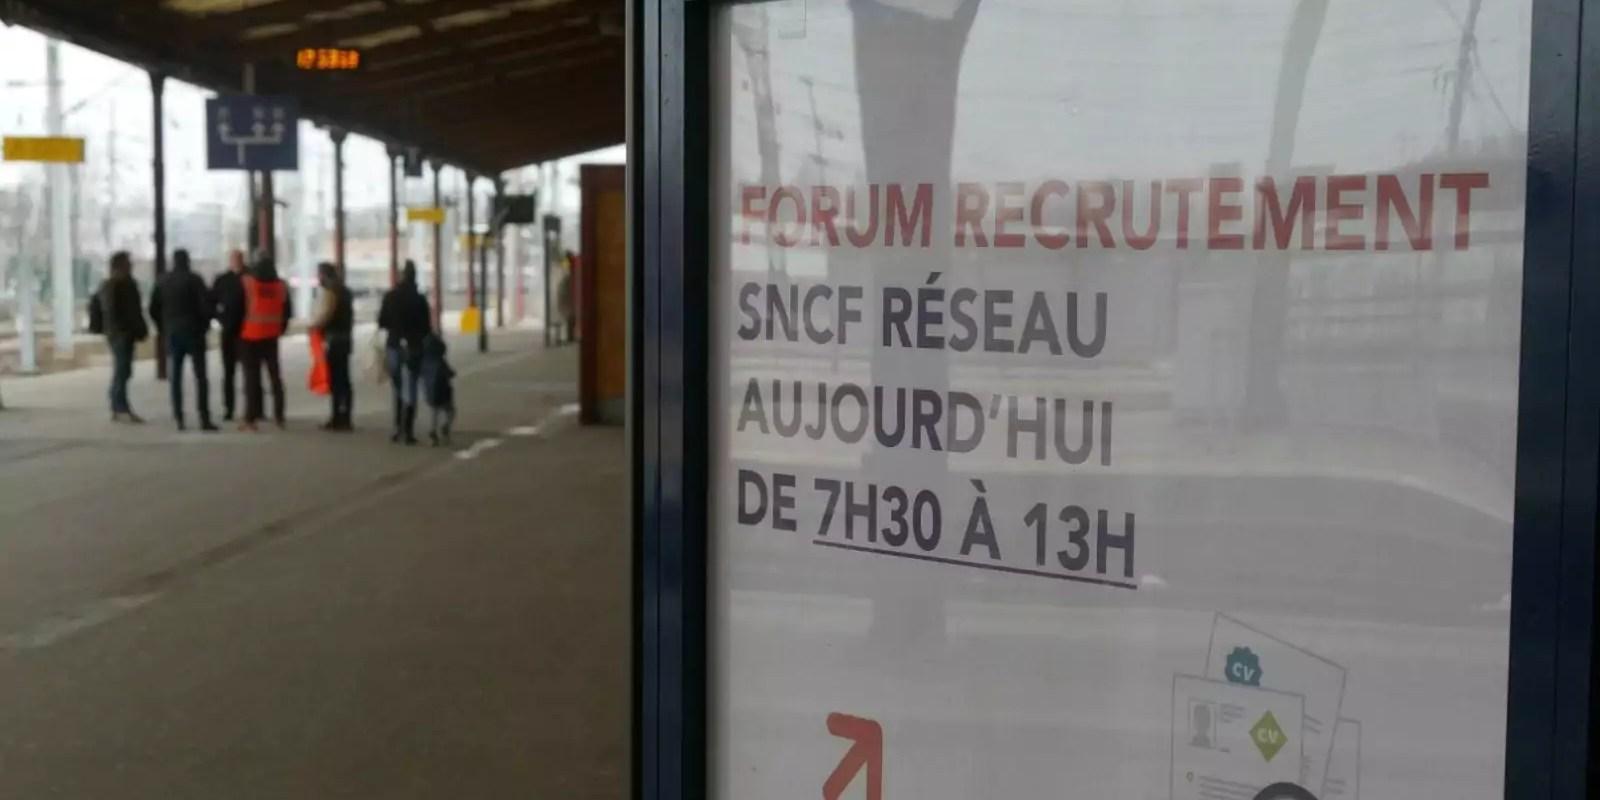 À un forum de recrutement de la SNCF: une réforme? Quelle réforme?